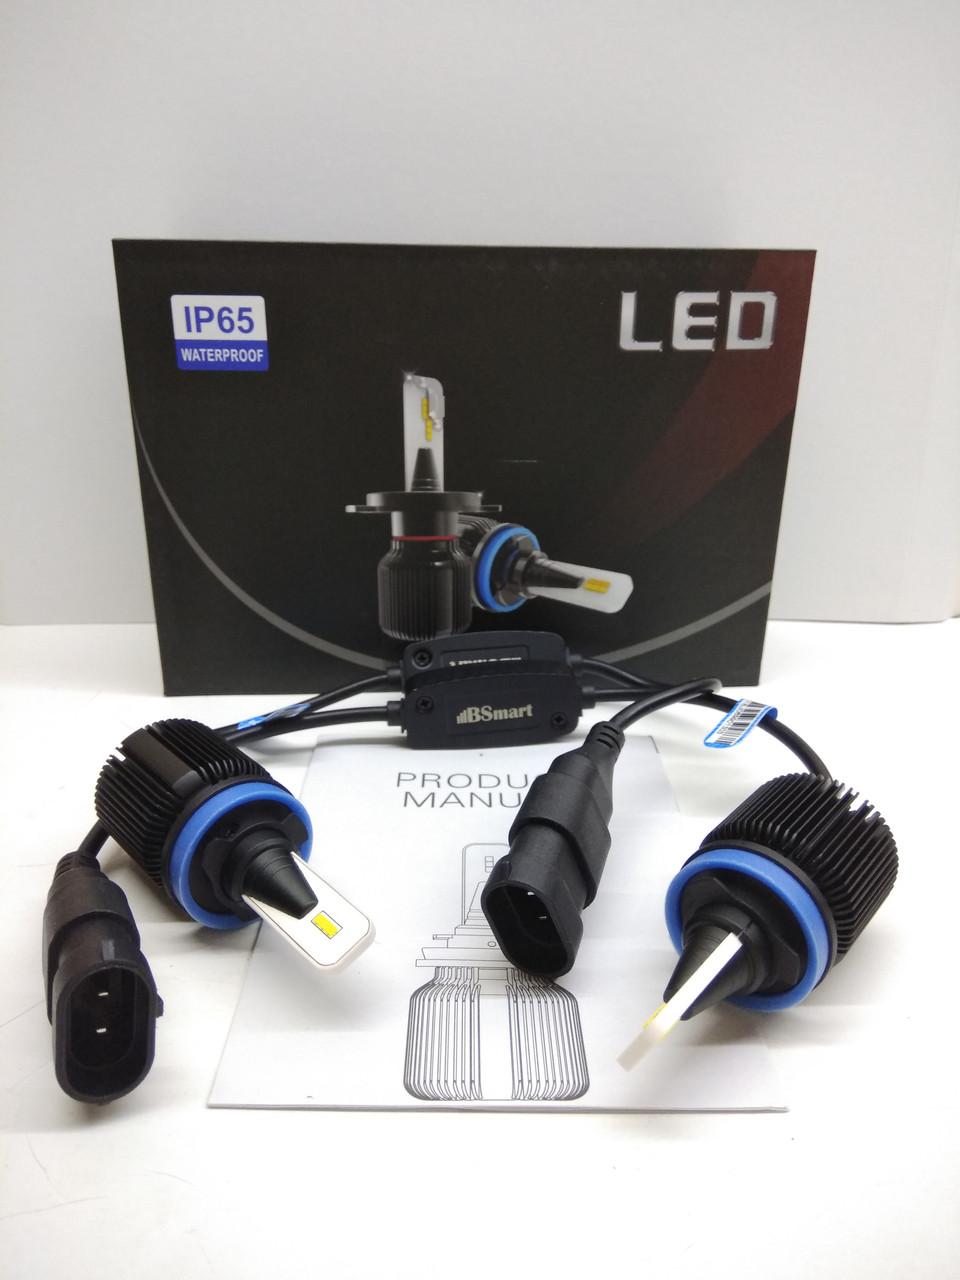 LED светодиодные авто лампы M1 CSP Южная Корея, H11, H8, H9, H16JP, 8000 Люмен, 40Вт, 9-32В